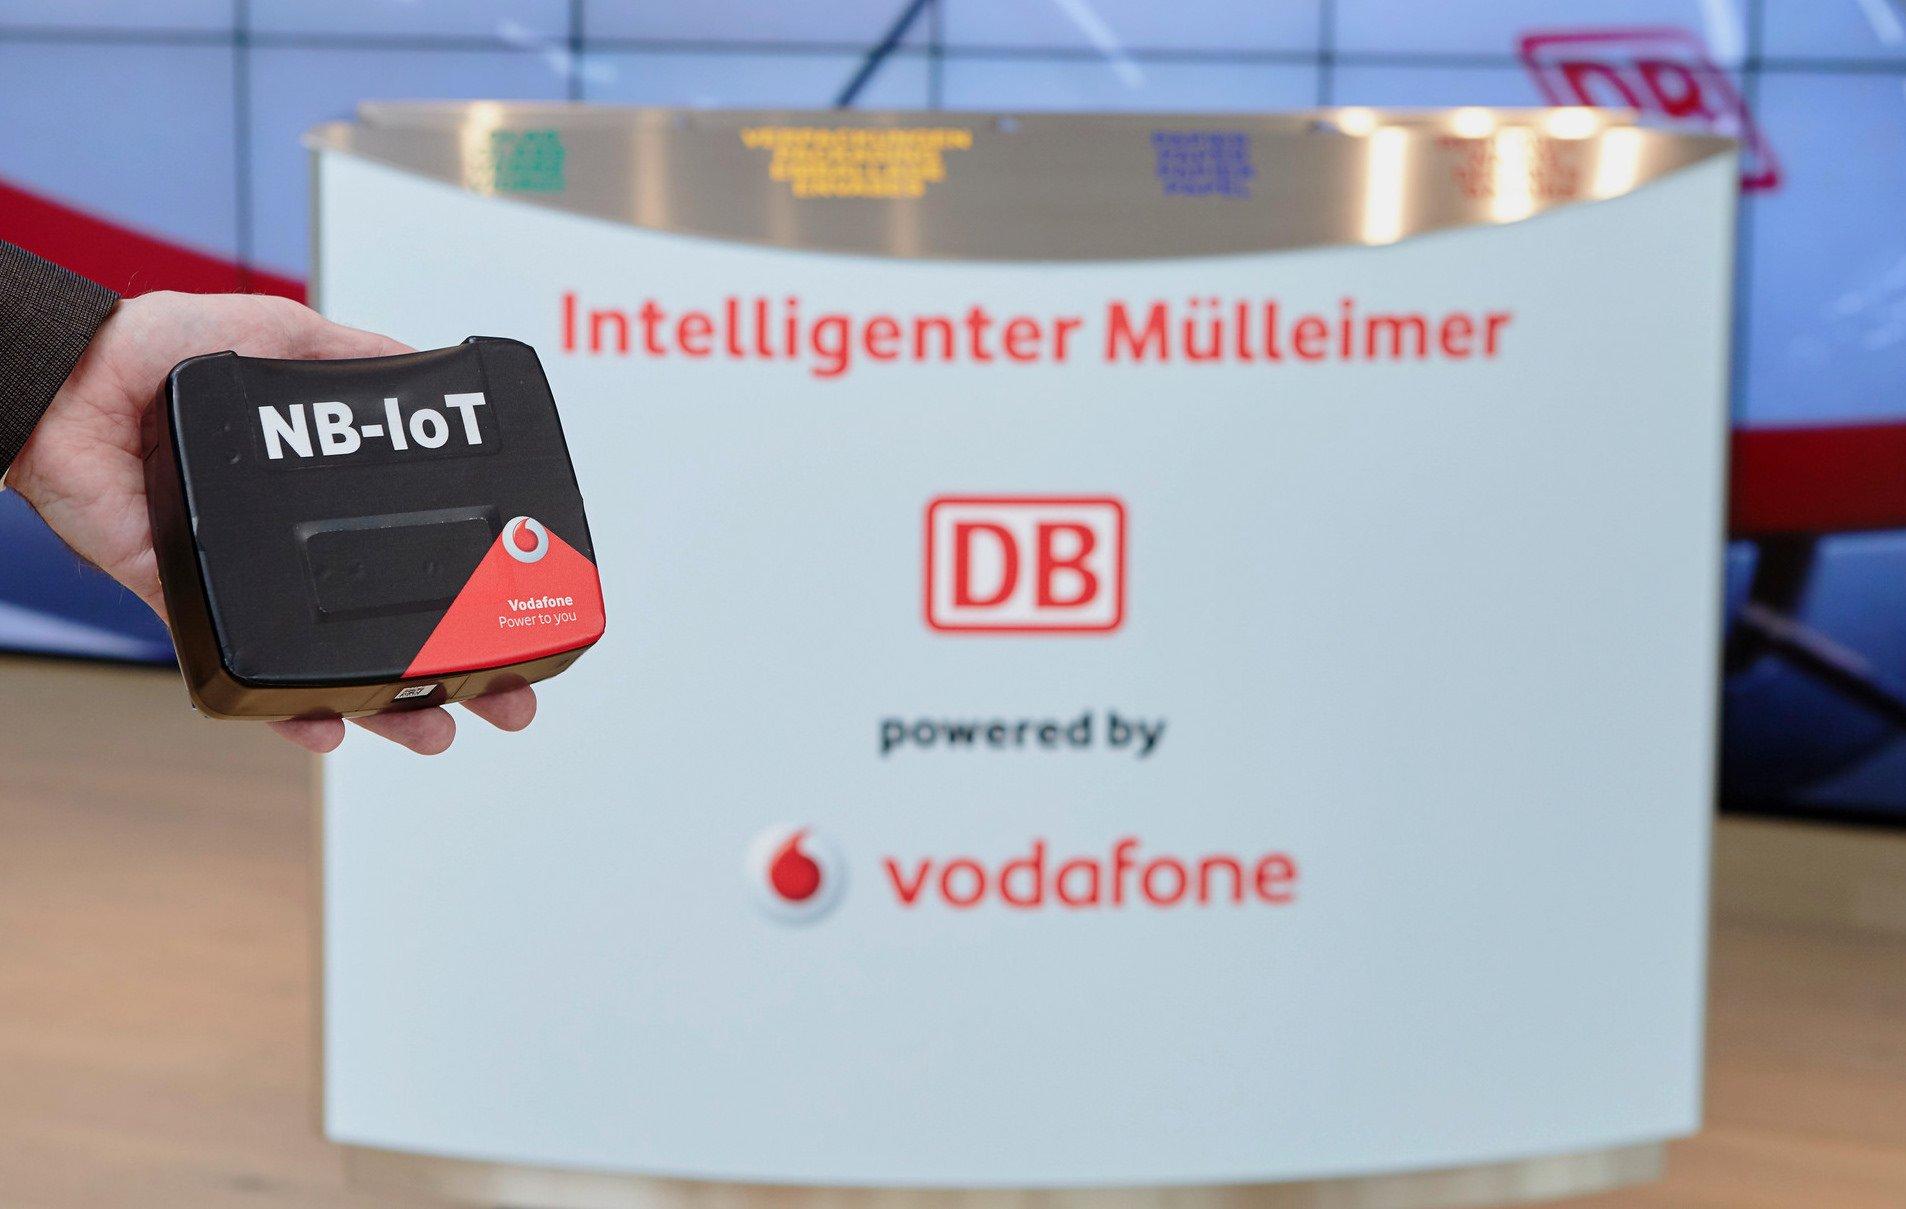 Dieser Mülleimer meldet sich per Narrowband-IoT von Vodafone, wenn er geleert werden kann (Bild: Vodafone)